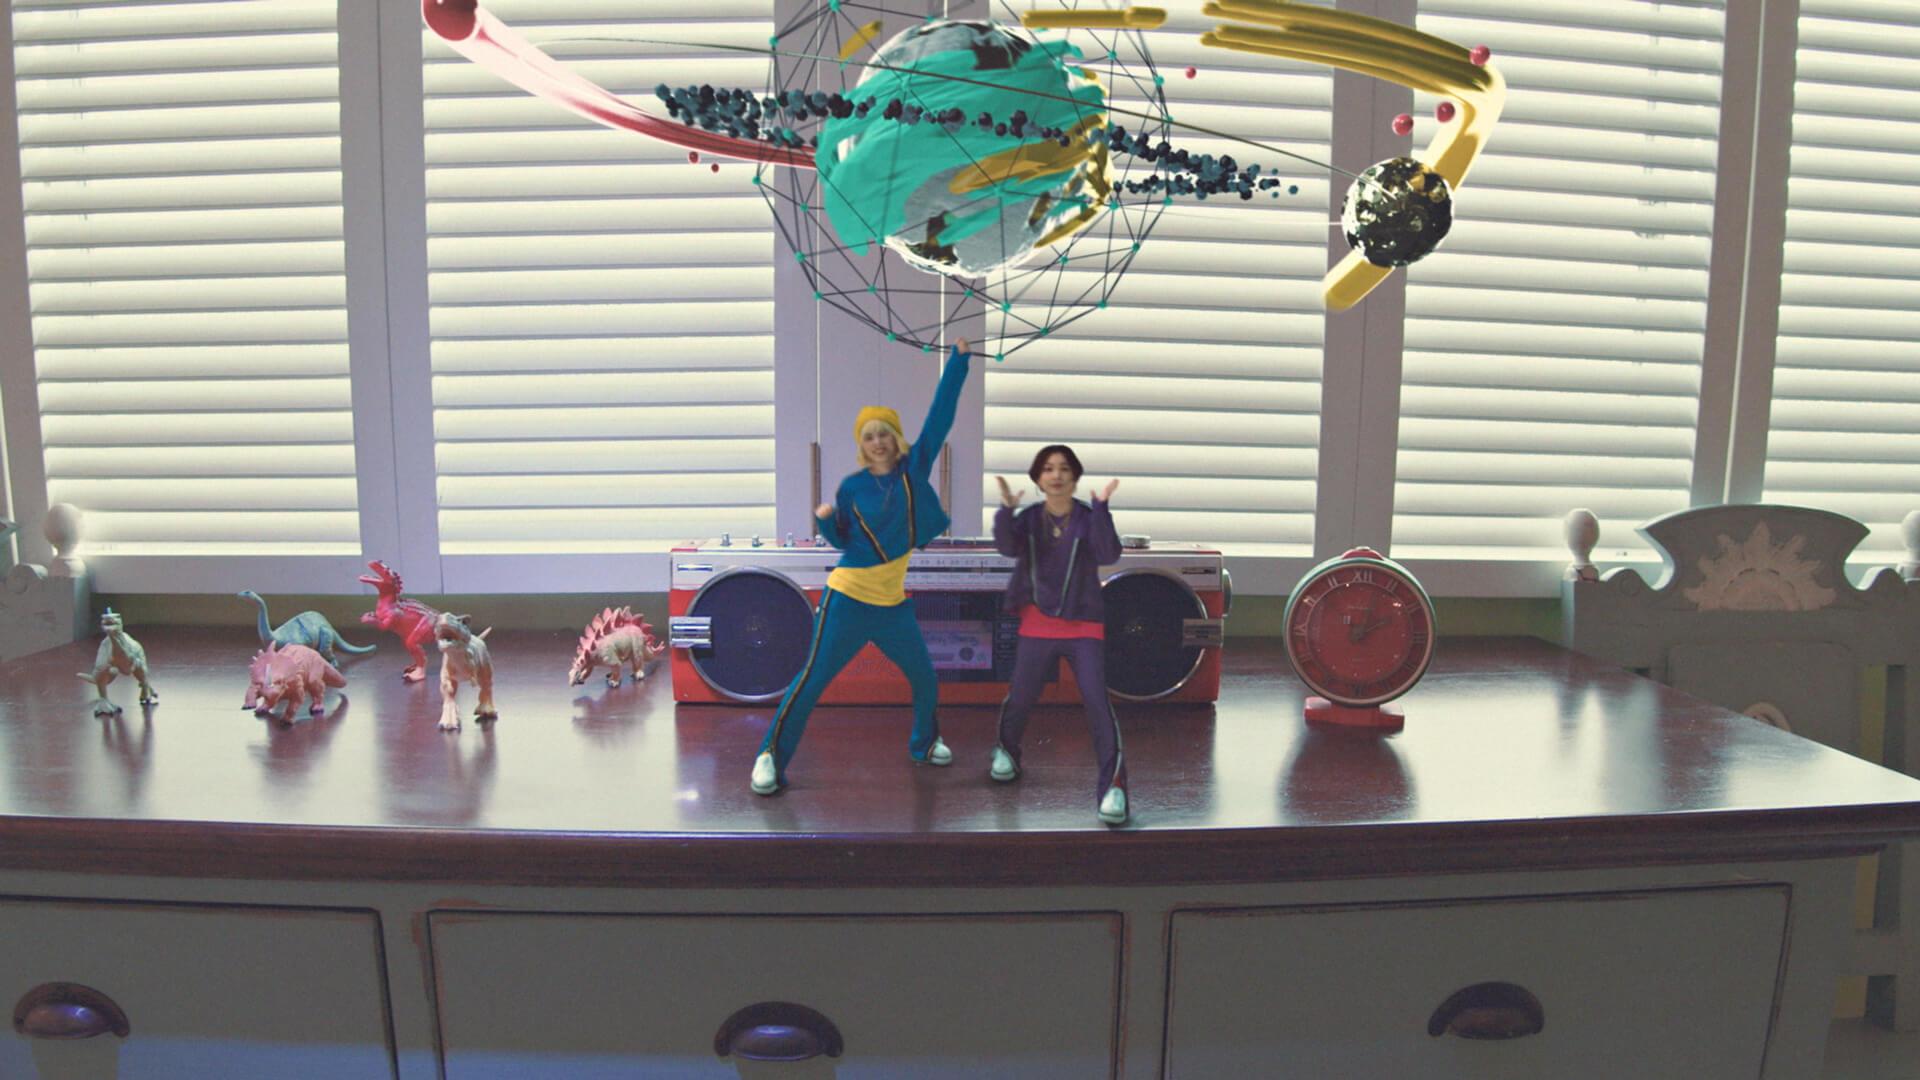 chelmico、アニメ『映像研には手を出すな!』主題歌「Easy Breezy」のMVを公開 music200119_chelmico_1